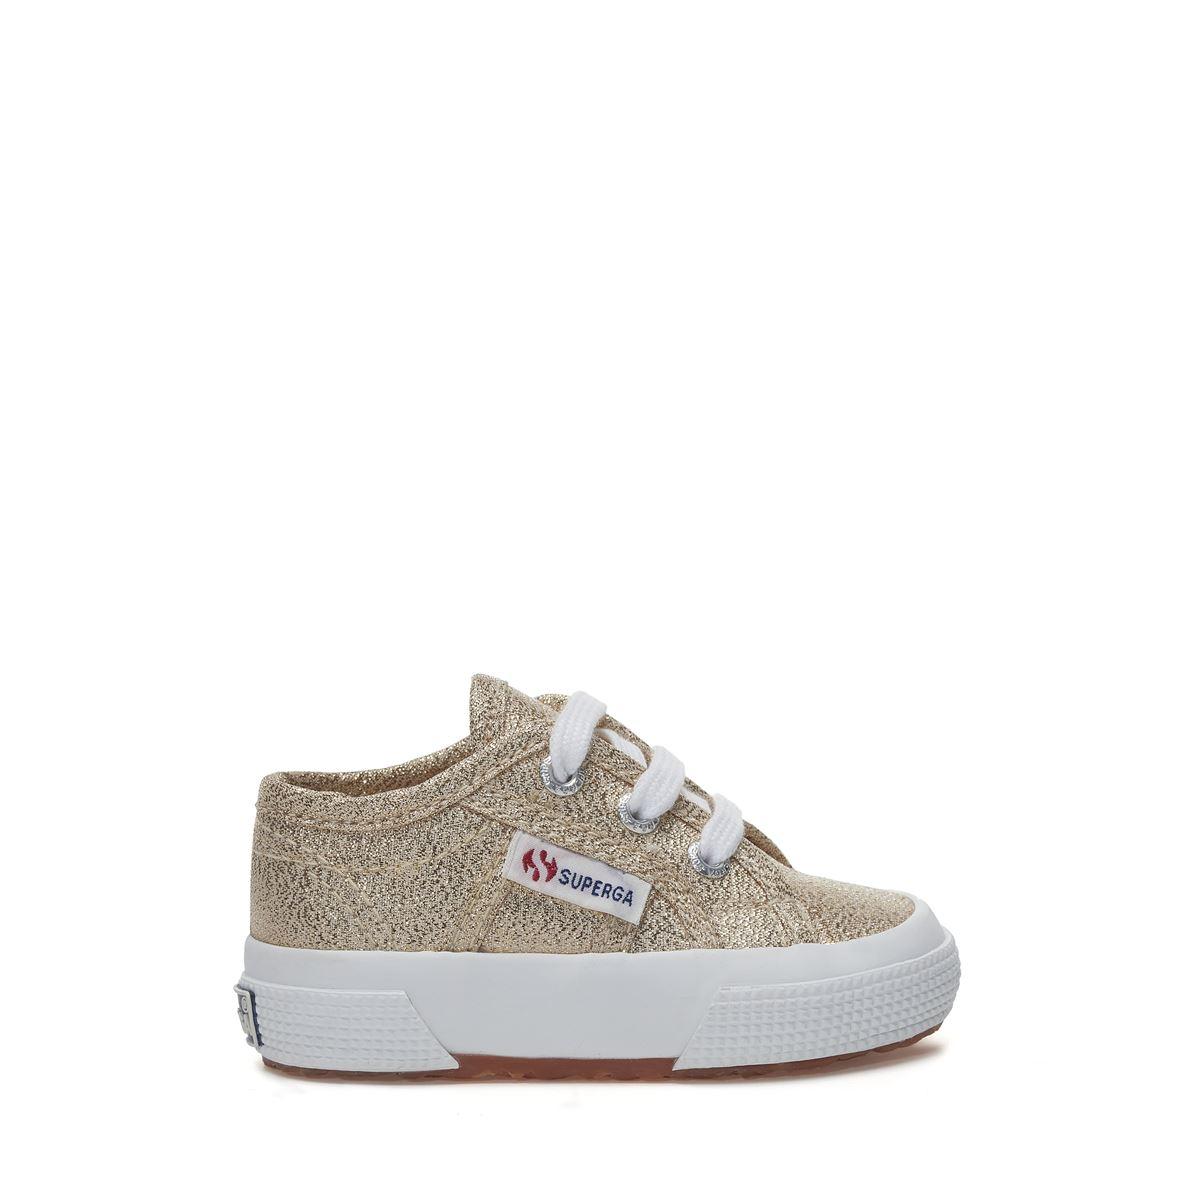 Superga Scarpe ginnastica 2750-LAMEB Bambino/a Chic Sneaker